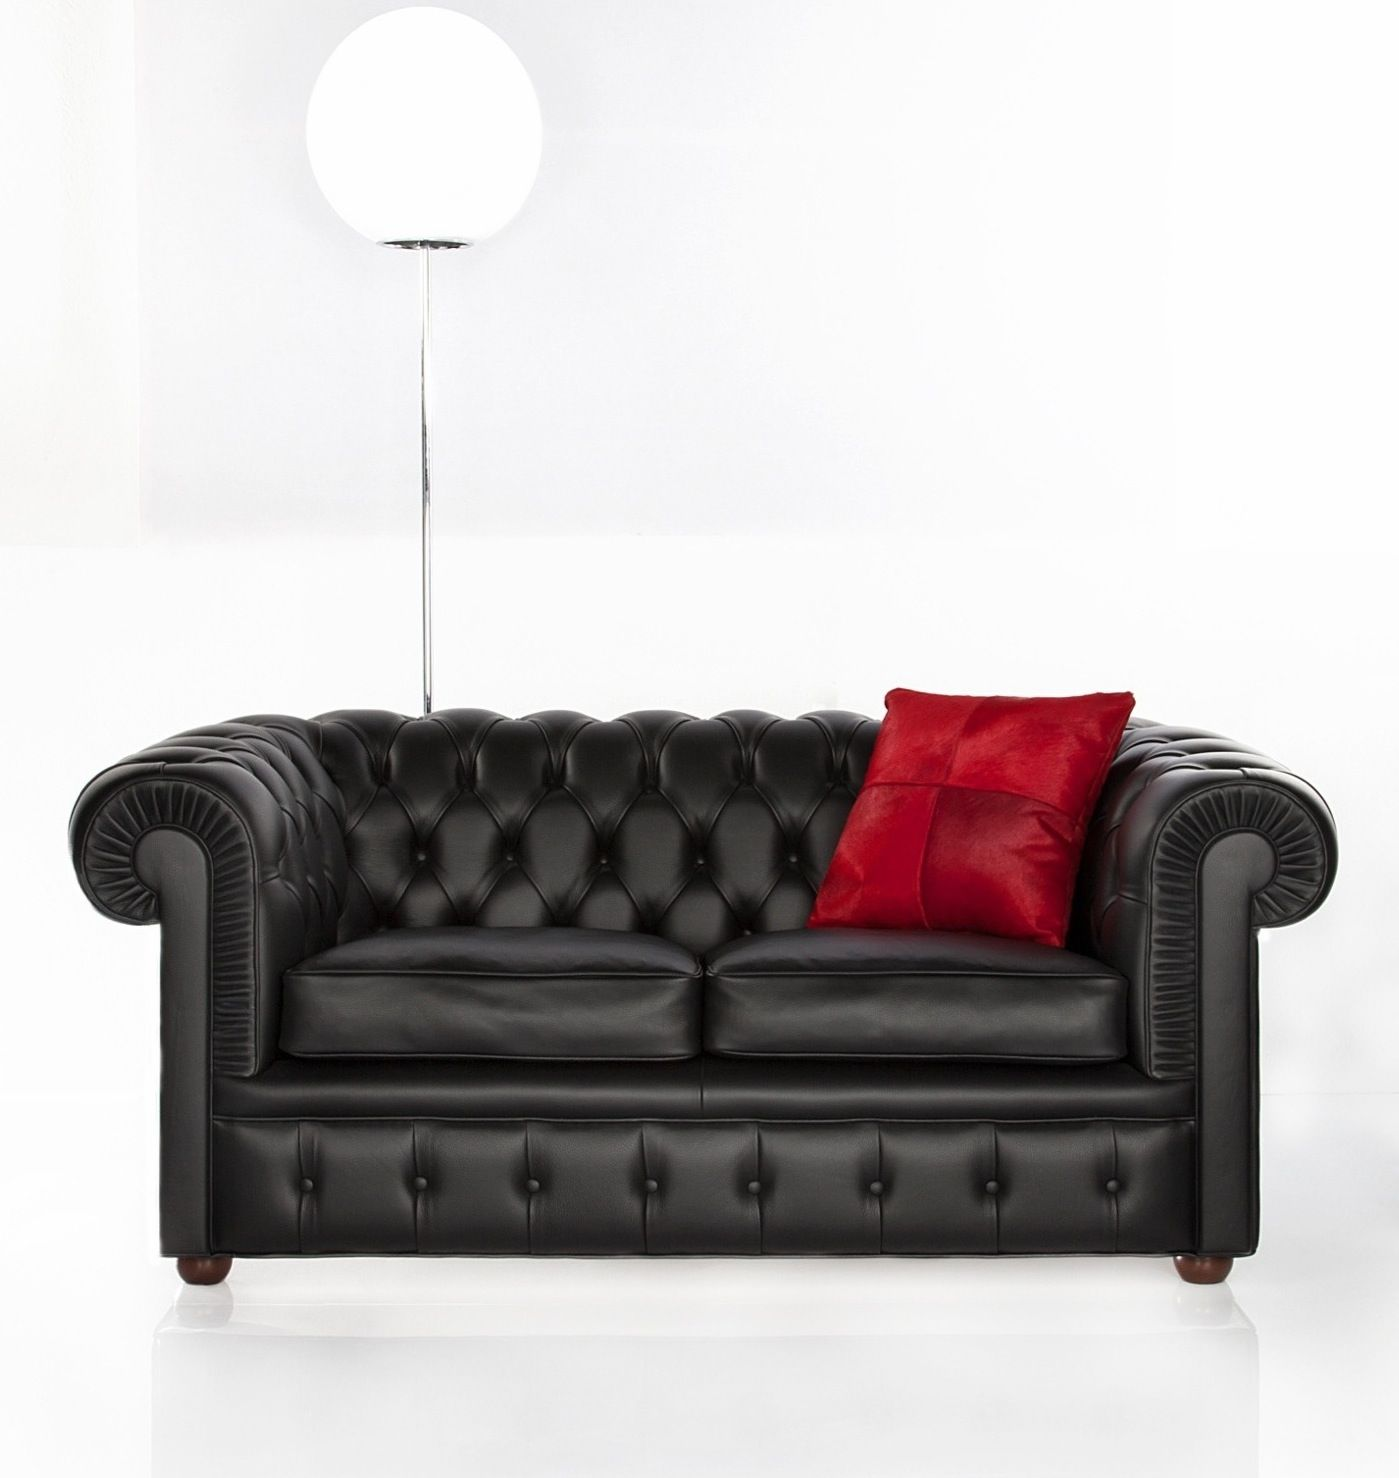 Divano in pelle Chester - Tino Mariani - Il divano Chester è ...